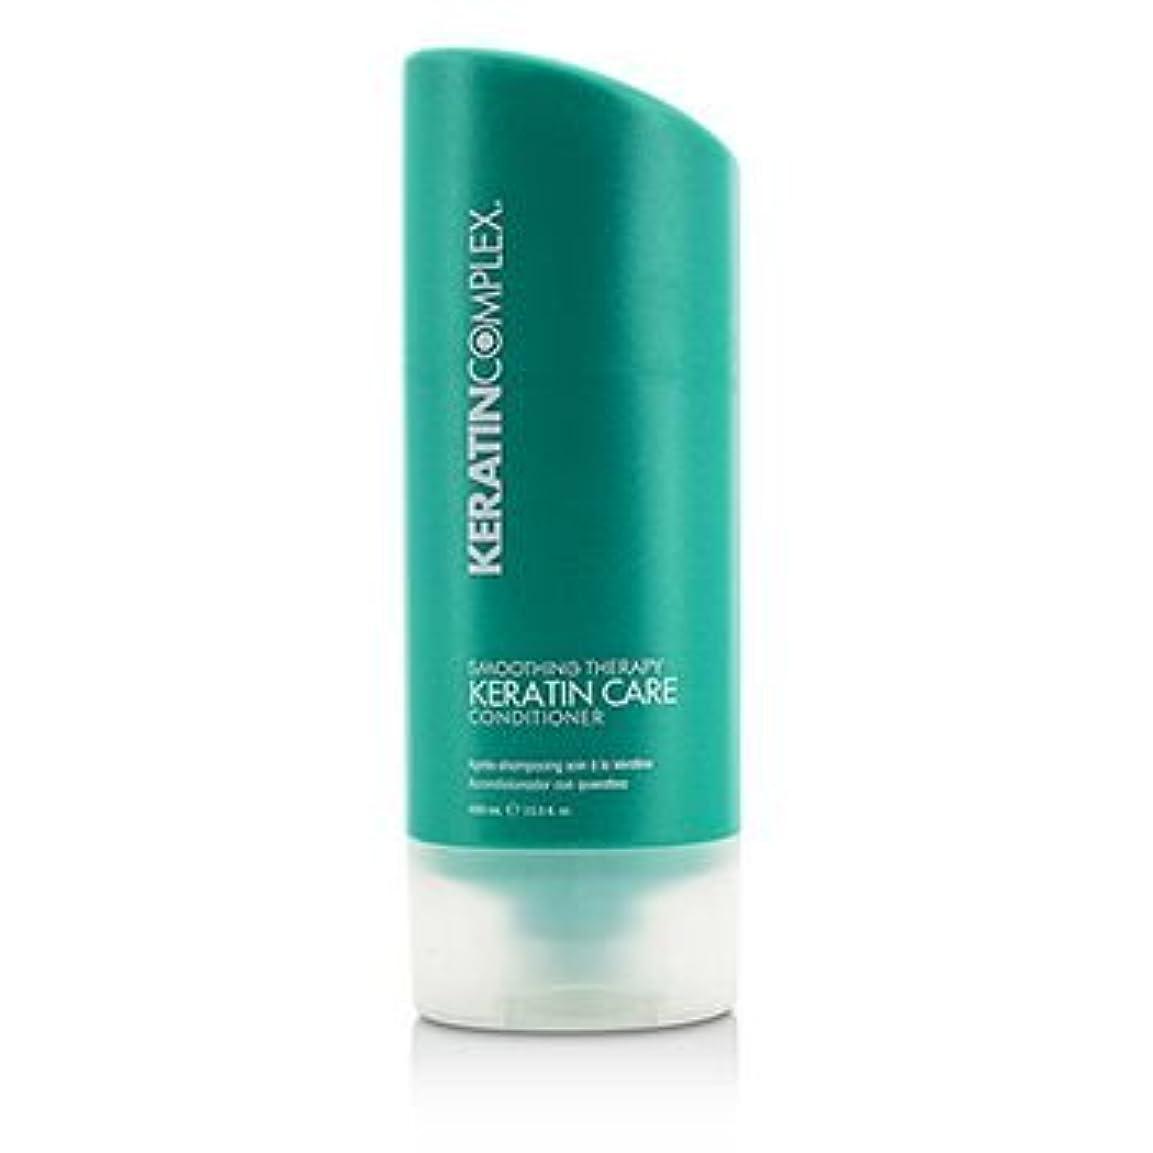 悩むシェフ献身[Keratin Complex] Smoothing Therapy Keratin Care Conditioner (For All Hair Types) 1000ml/33.8oz